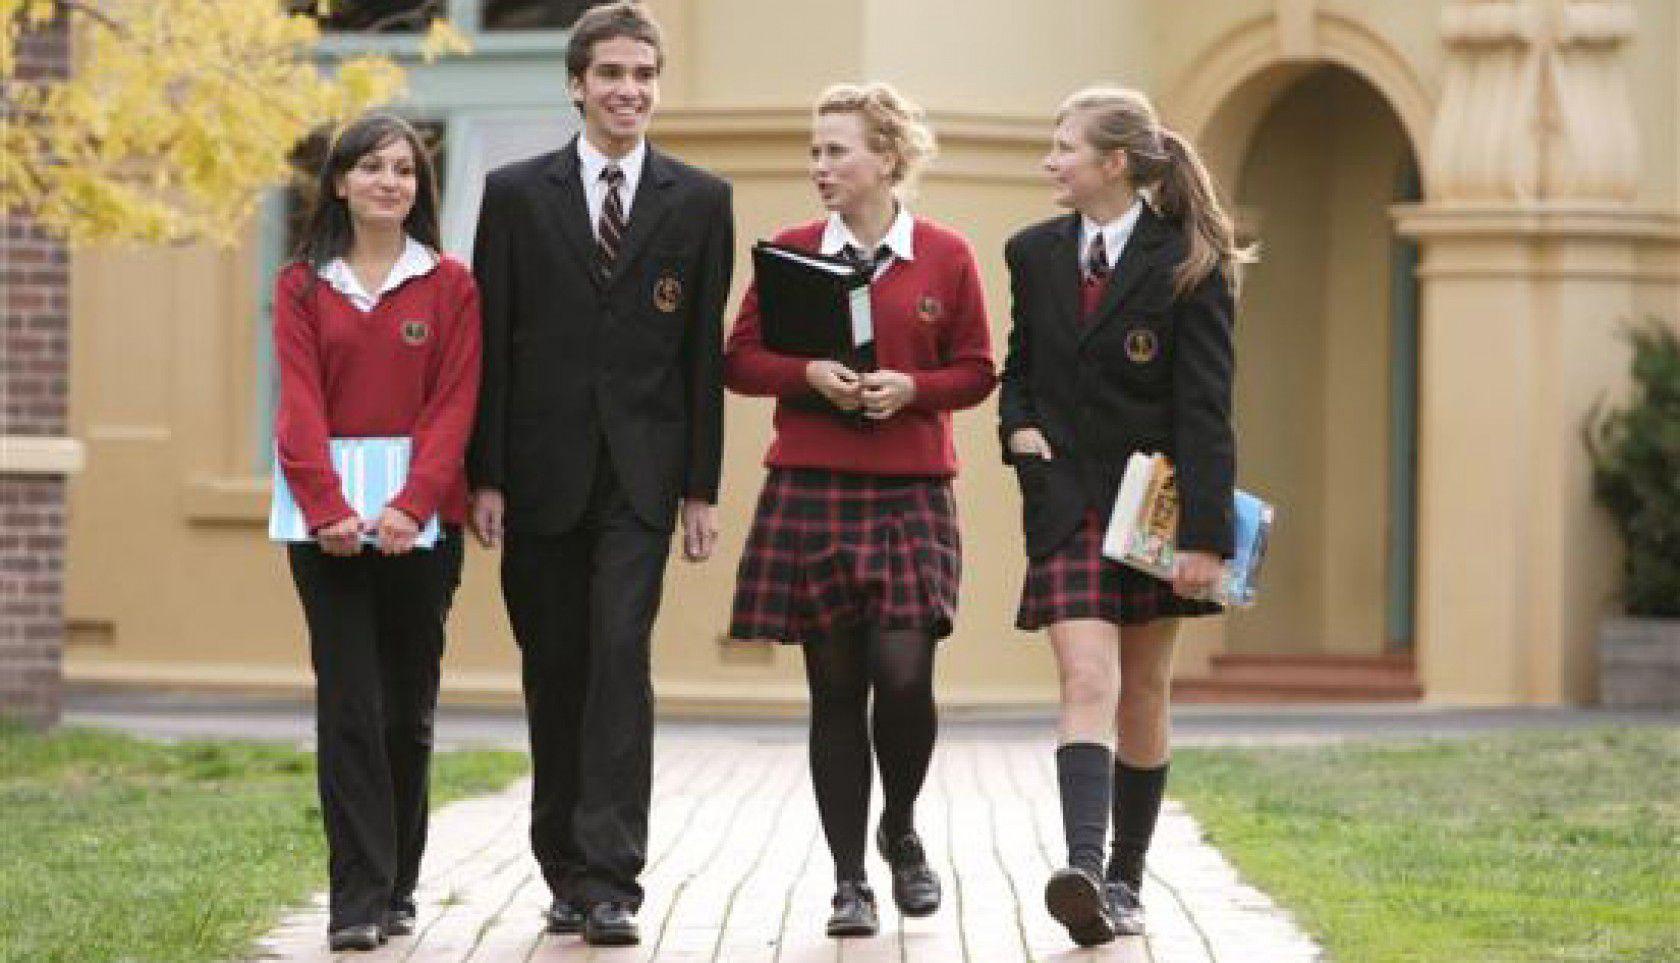 Avustralya Kolejleri Giriş Sınavı Hangileridir?